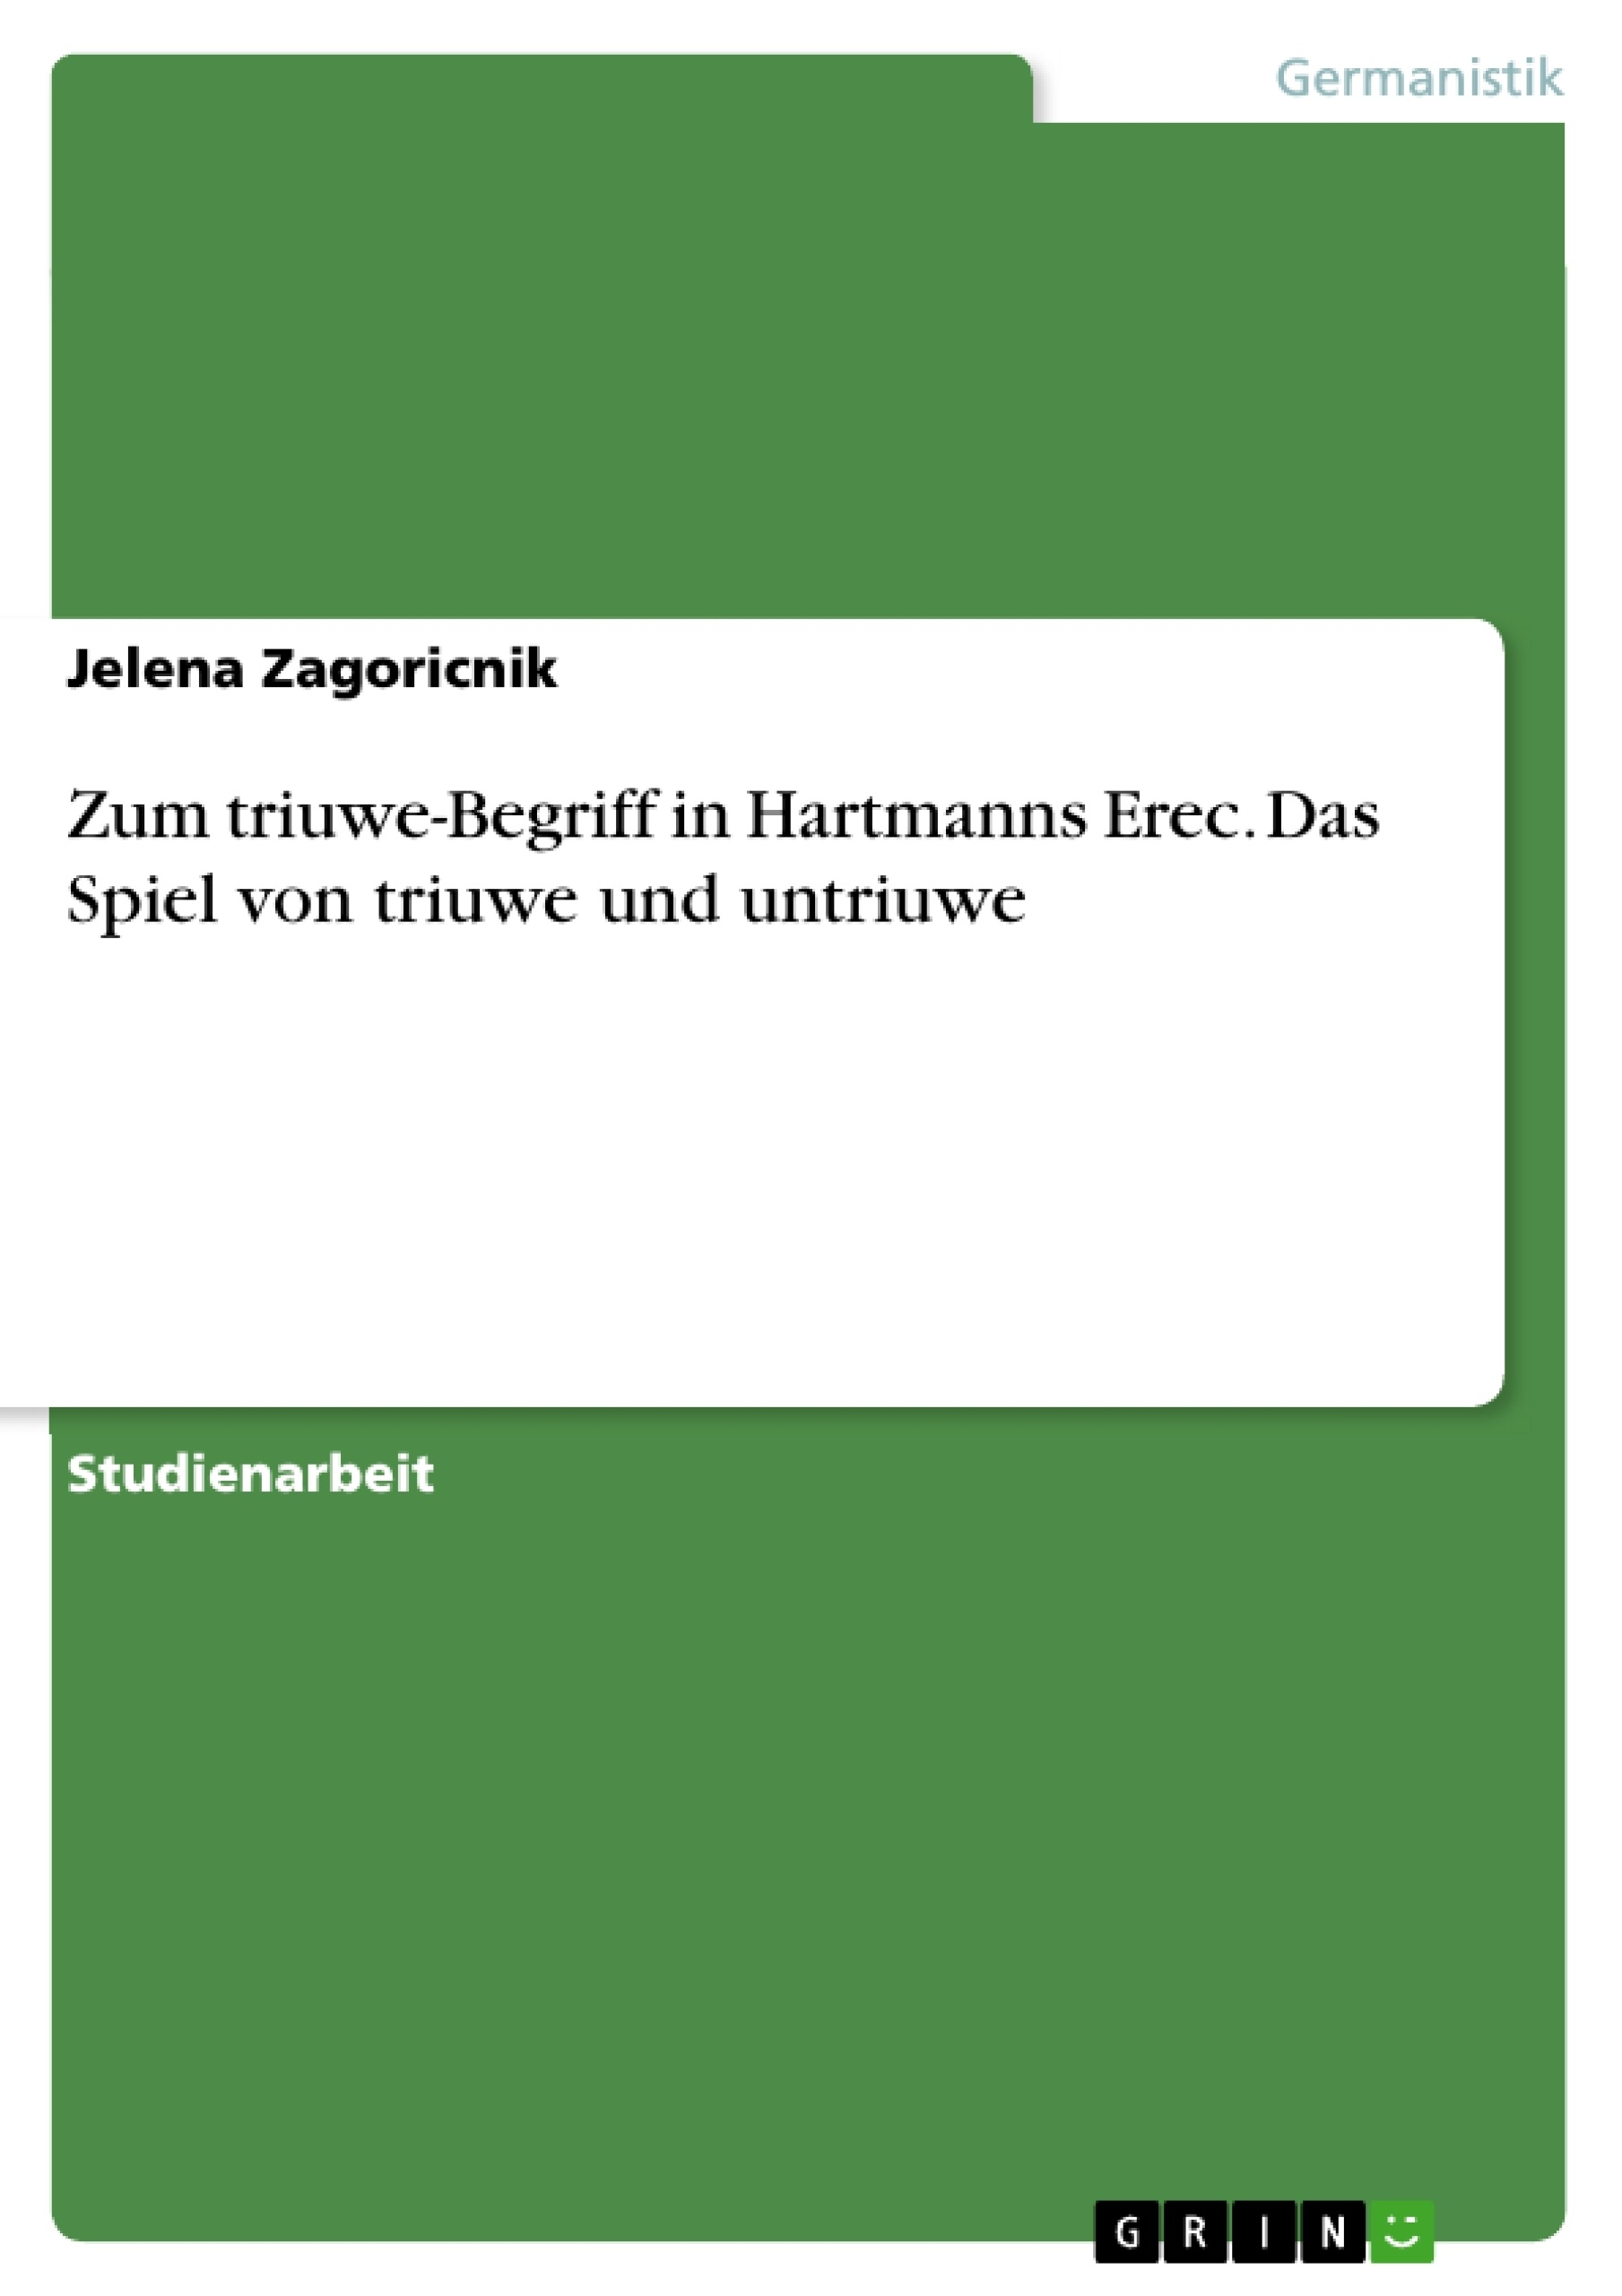 Titel: Zum triuwe-Begriff in Hartmanns Erec. Das Spiel von triuwe und untriuwe